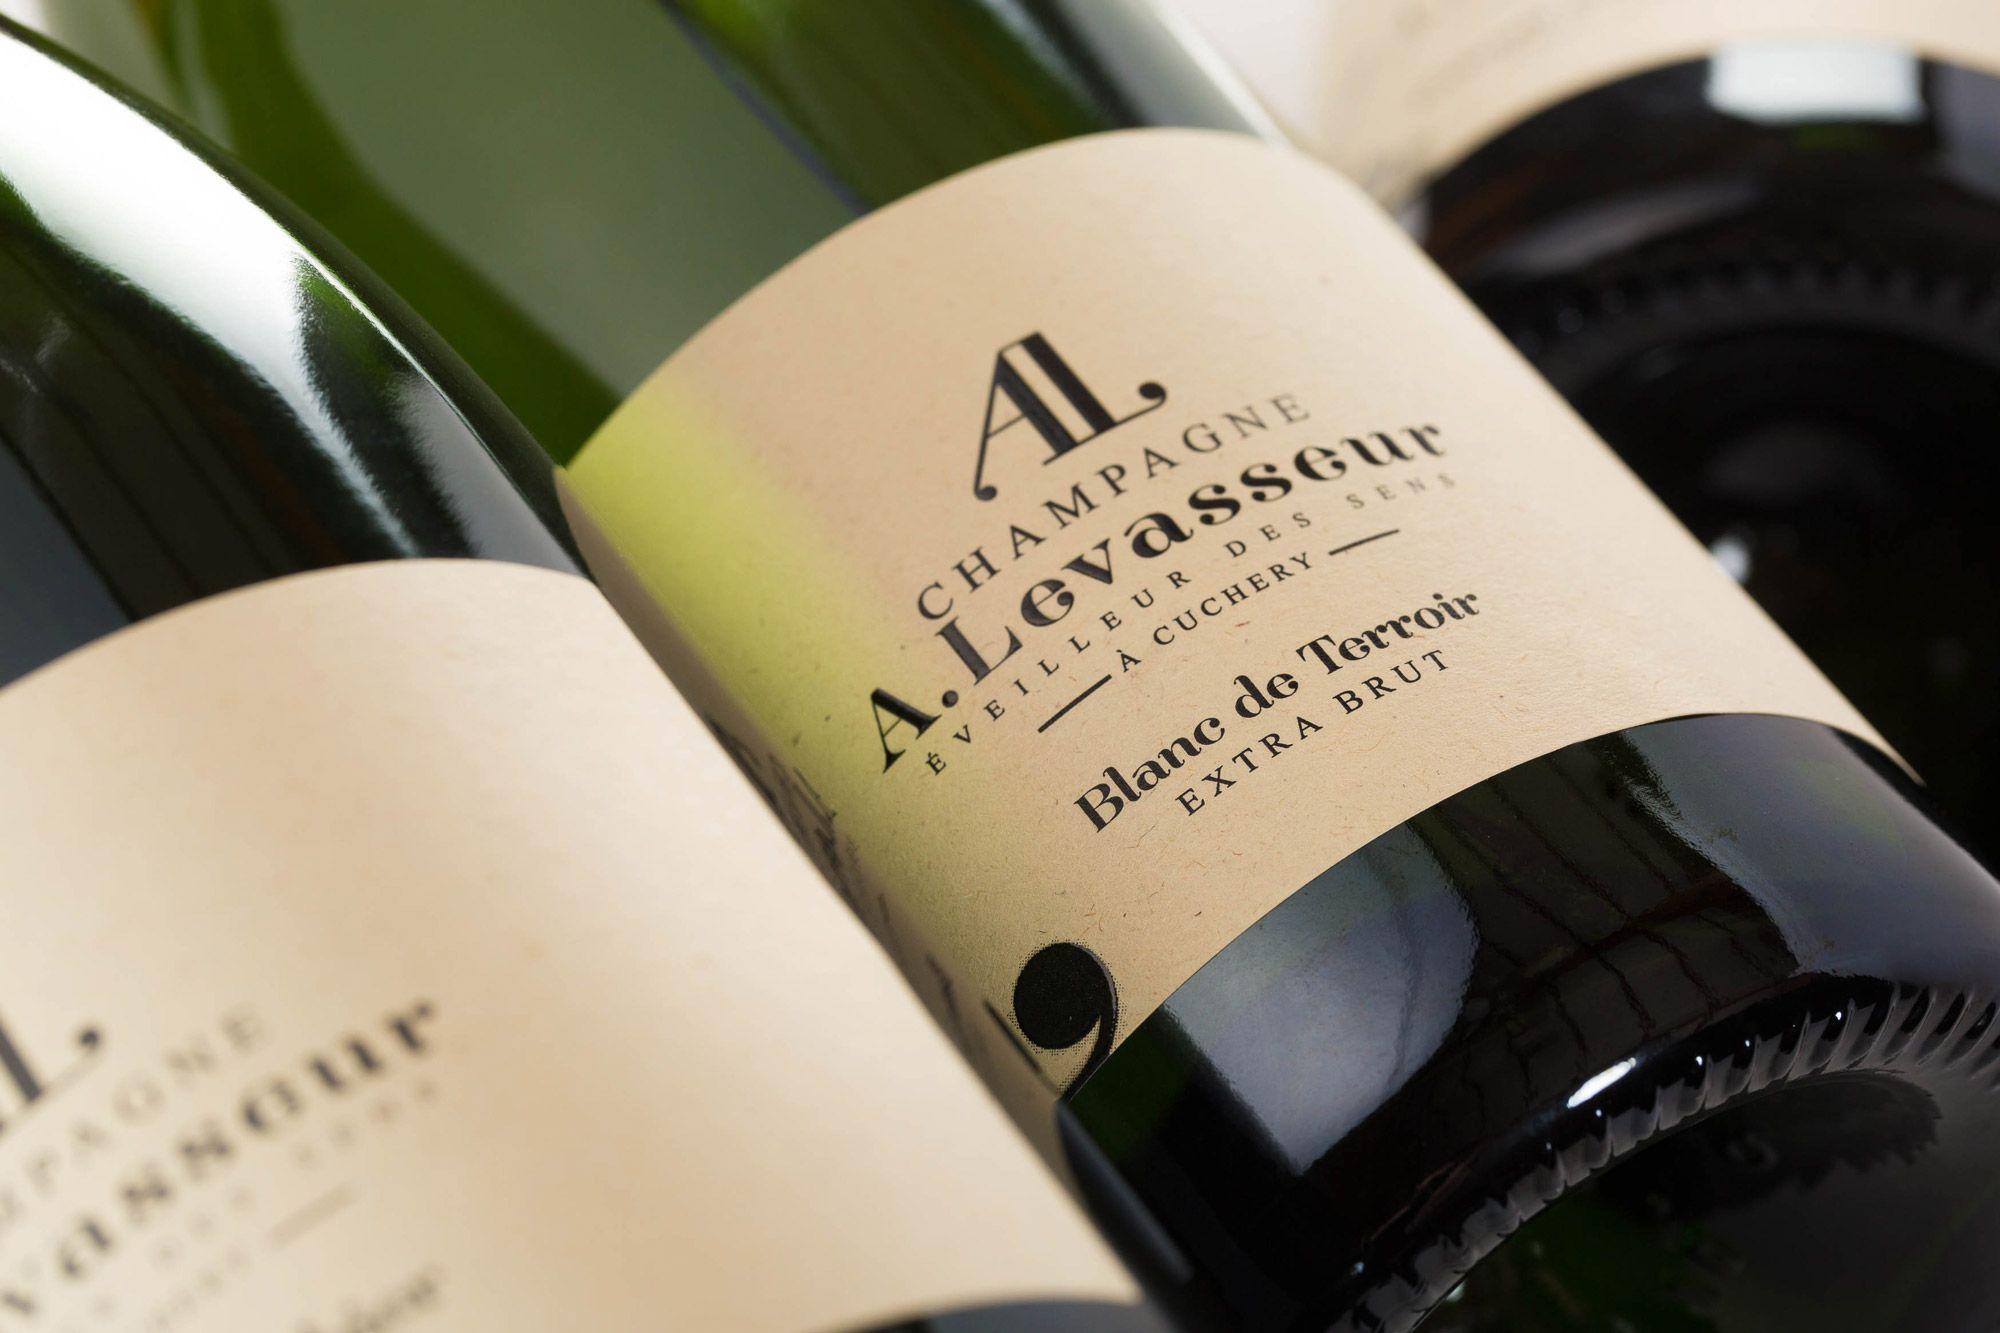 La-gamme-du-Champagne-Albert-Levasseur